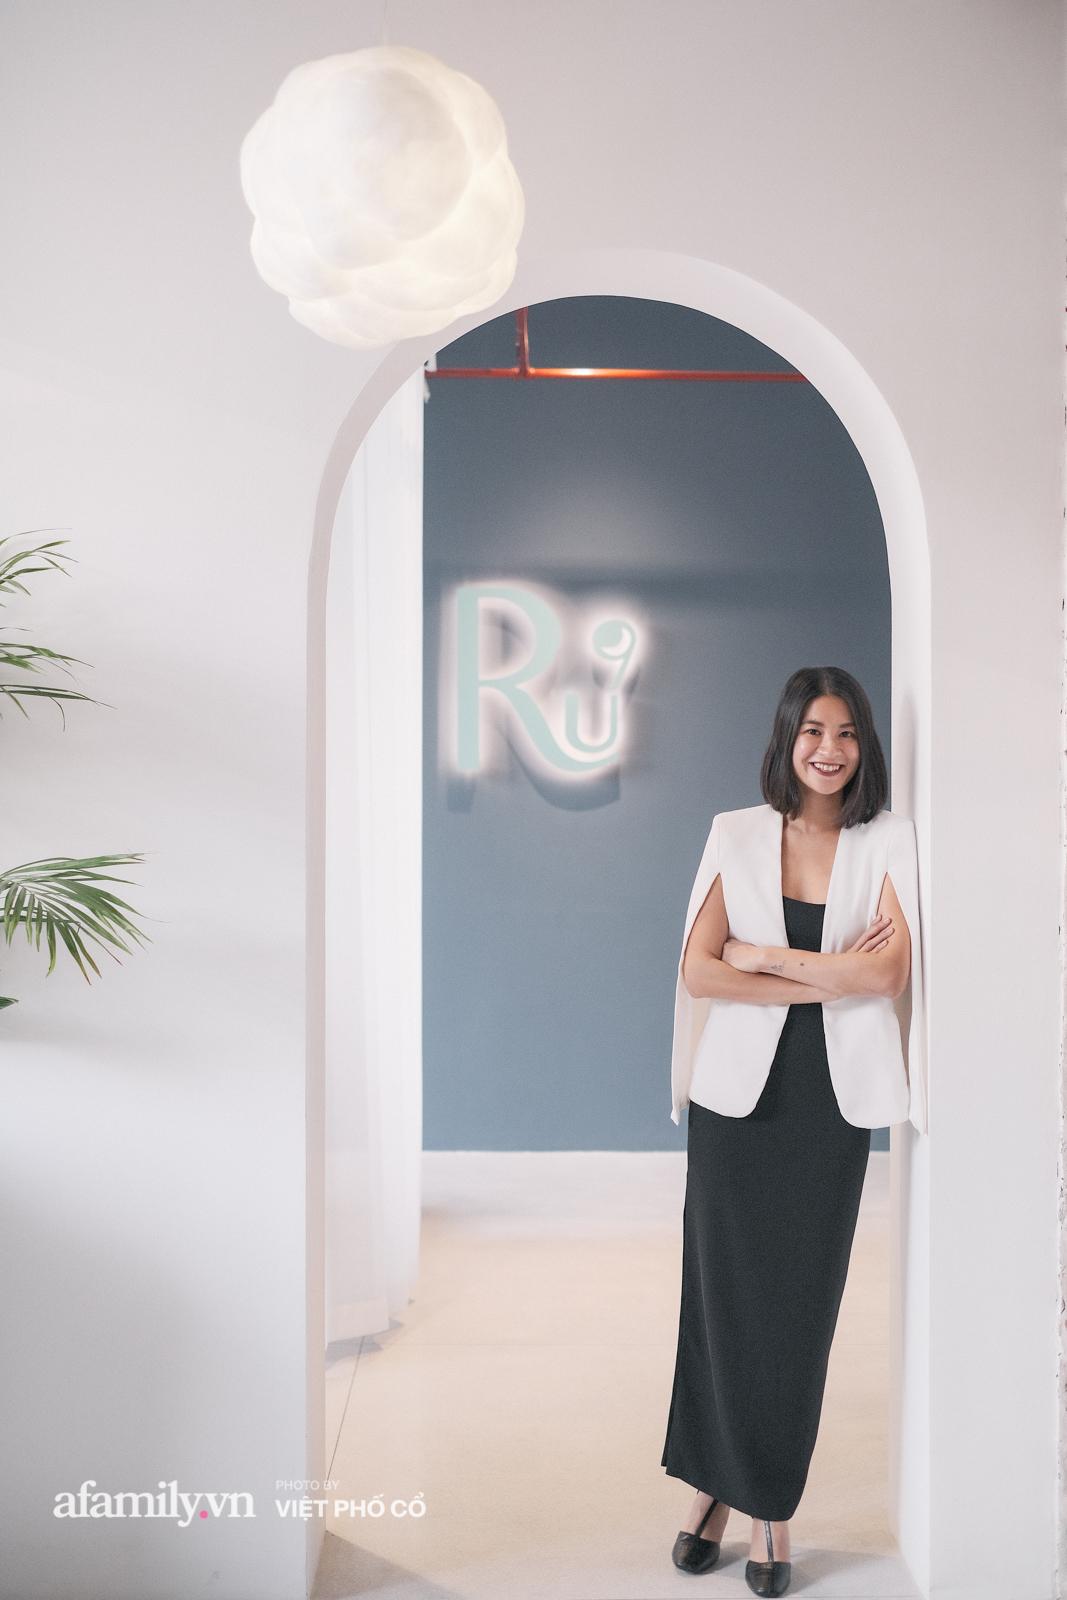 """Đặng Thùy Trang: Bỏ cơ hội rộng mở ở nước ngoài, chia tay công việc nghìn đô về làm """"công chúa hạt đậu"""" vì những giấc ngủ bồng bềnh trên 9 tầng mây - Ảnh 4."""